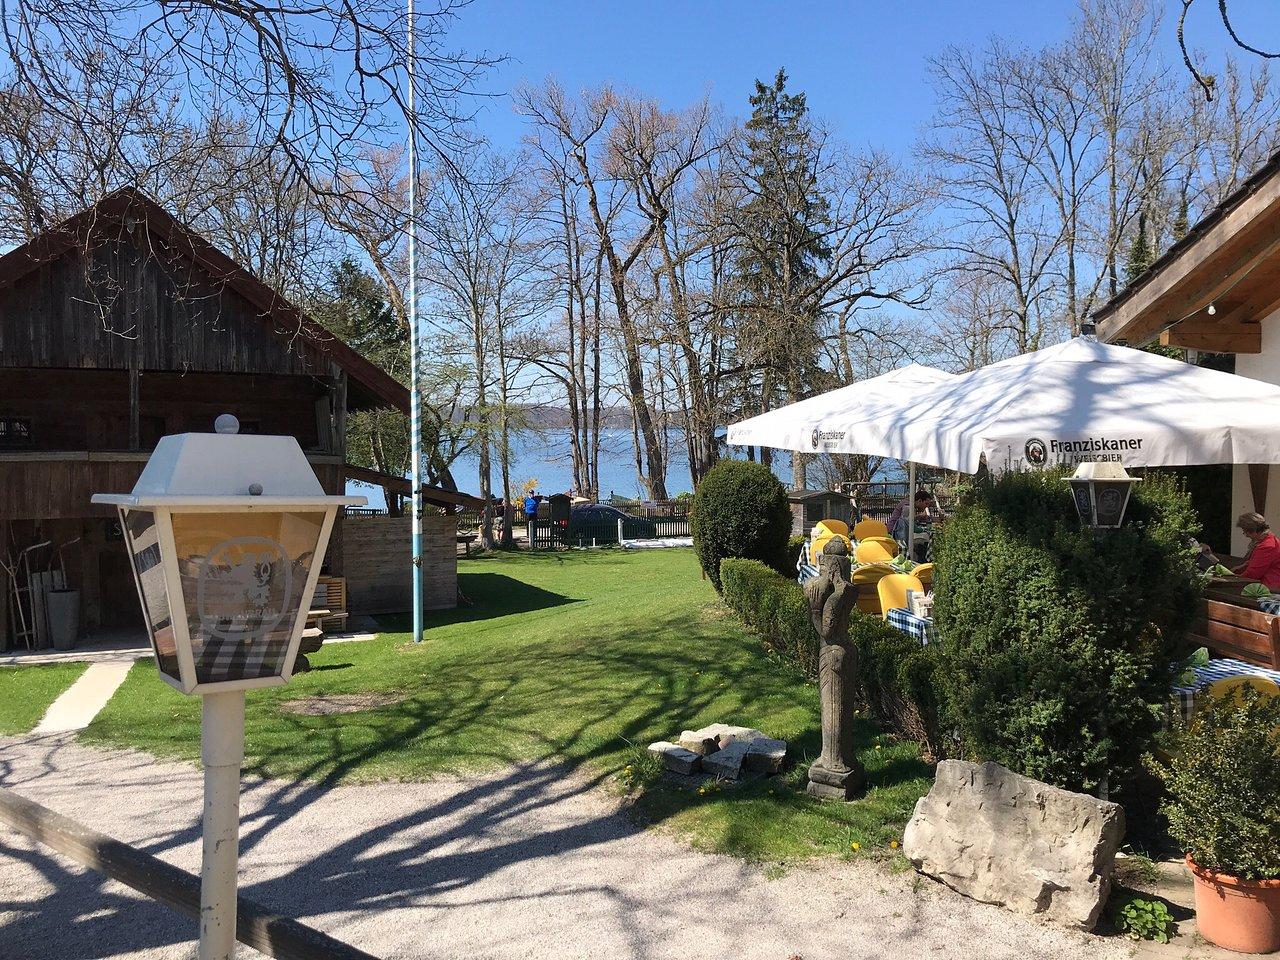 Landhotel Huber Am See Bewertungen Fotos Preisvergleich Ambach